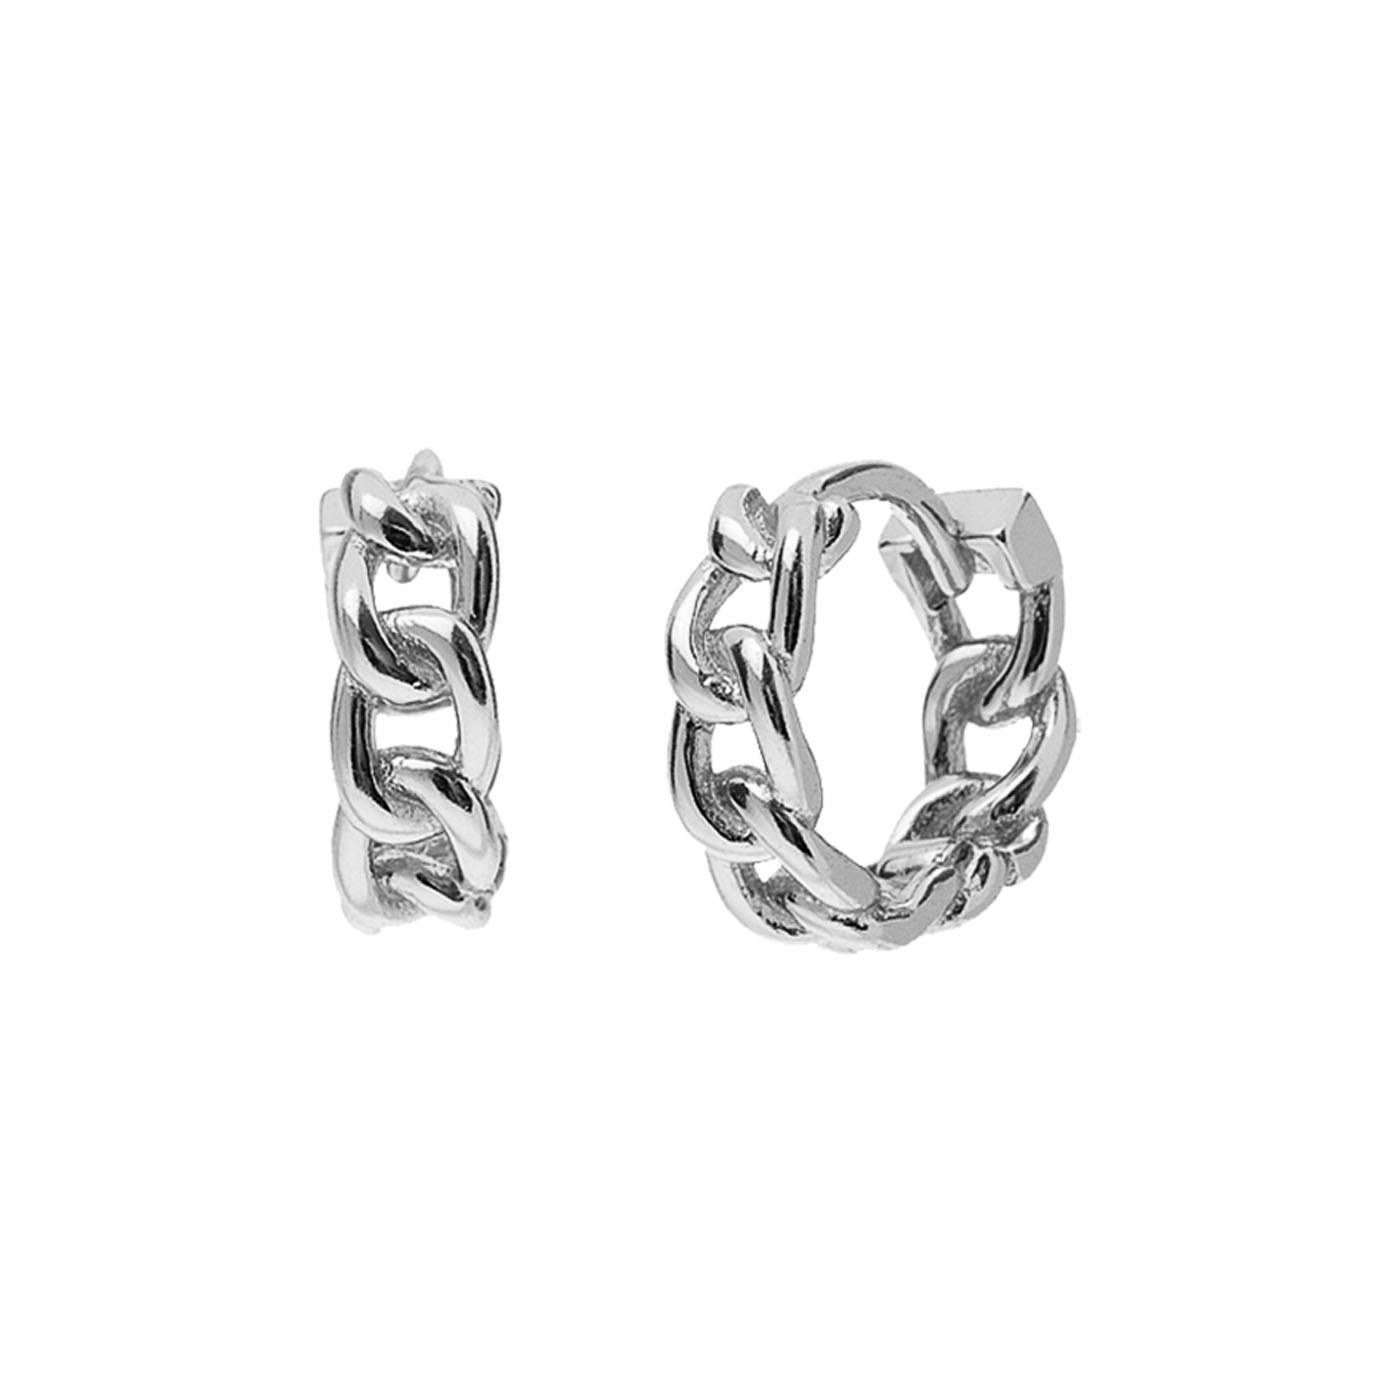 boucles d'oreilles chaines silver